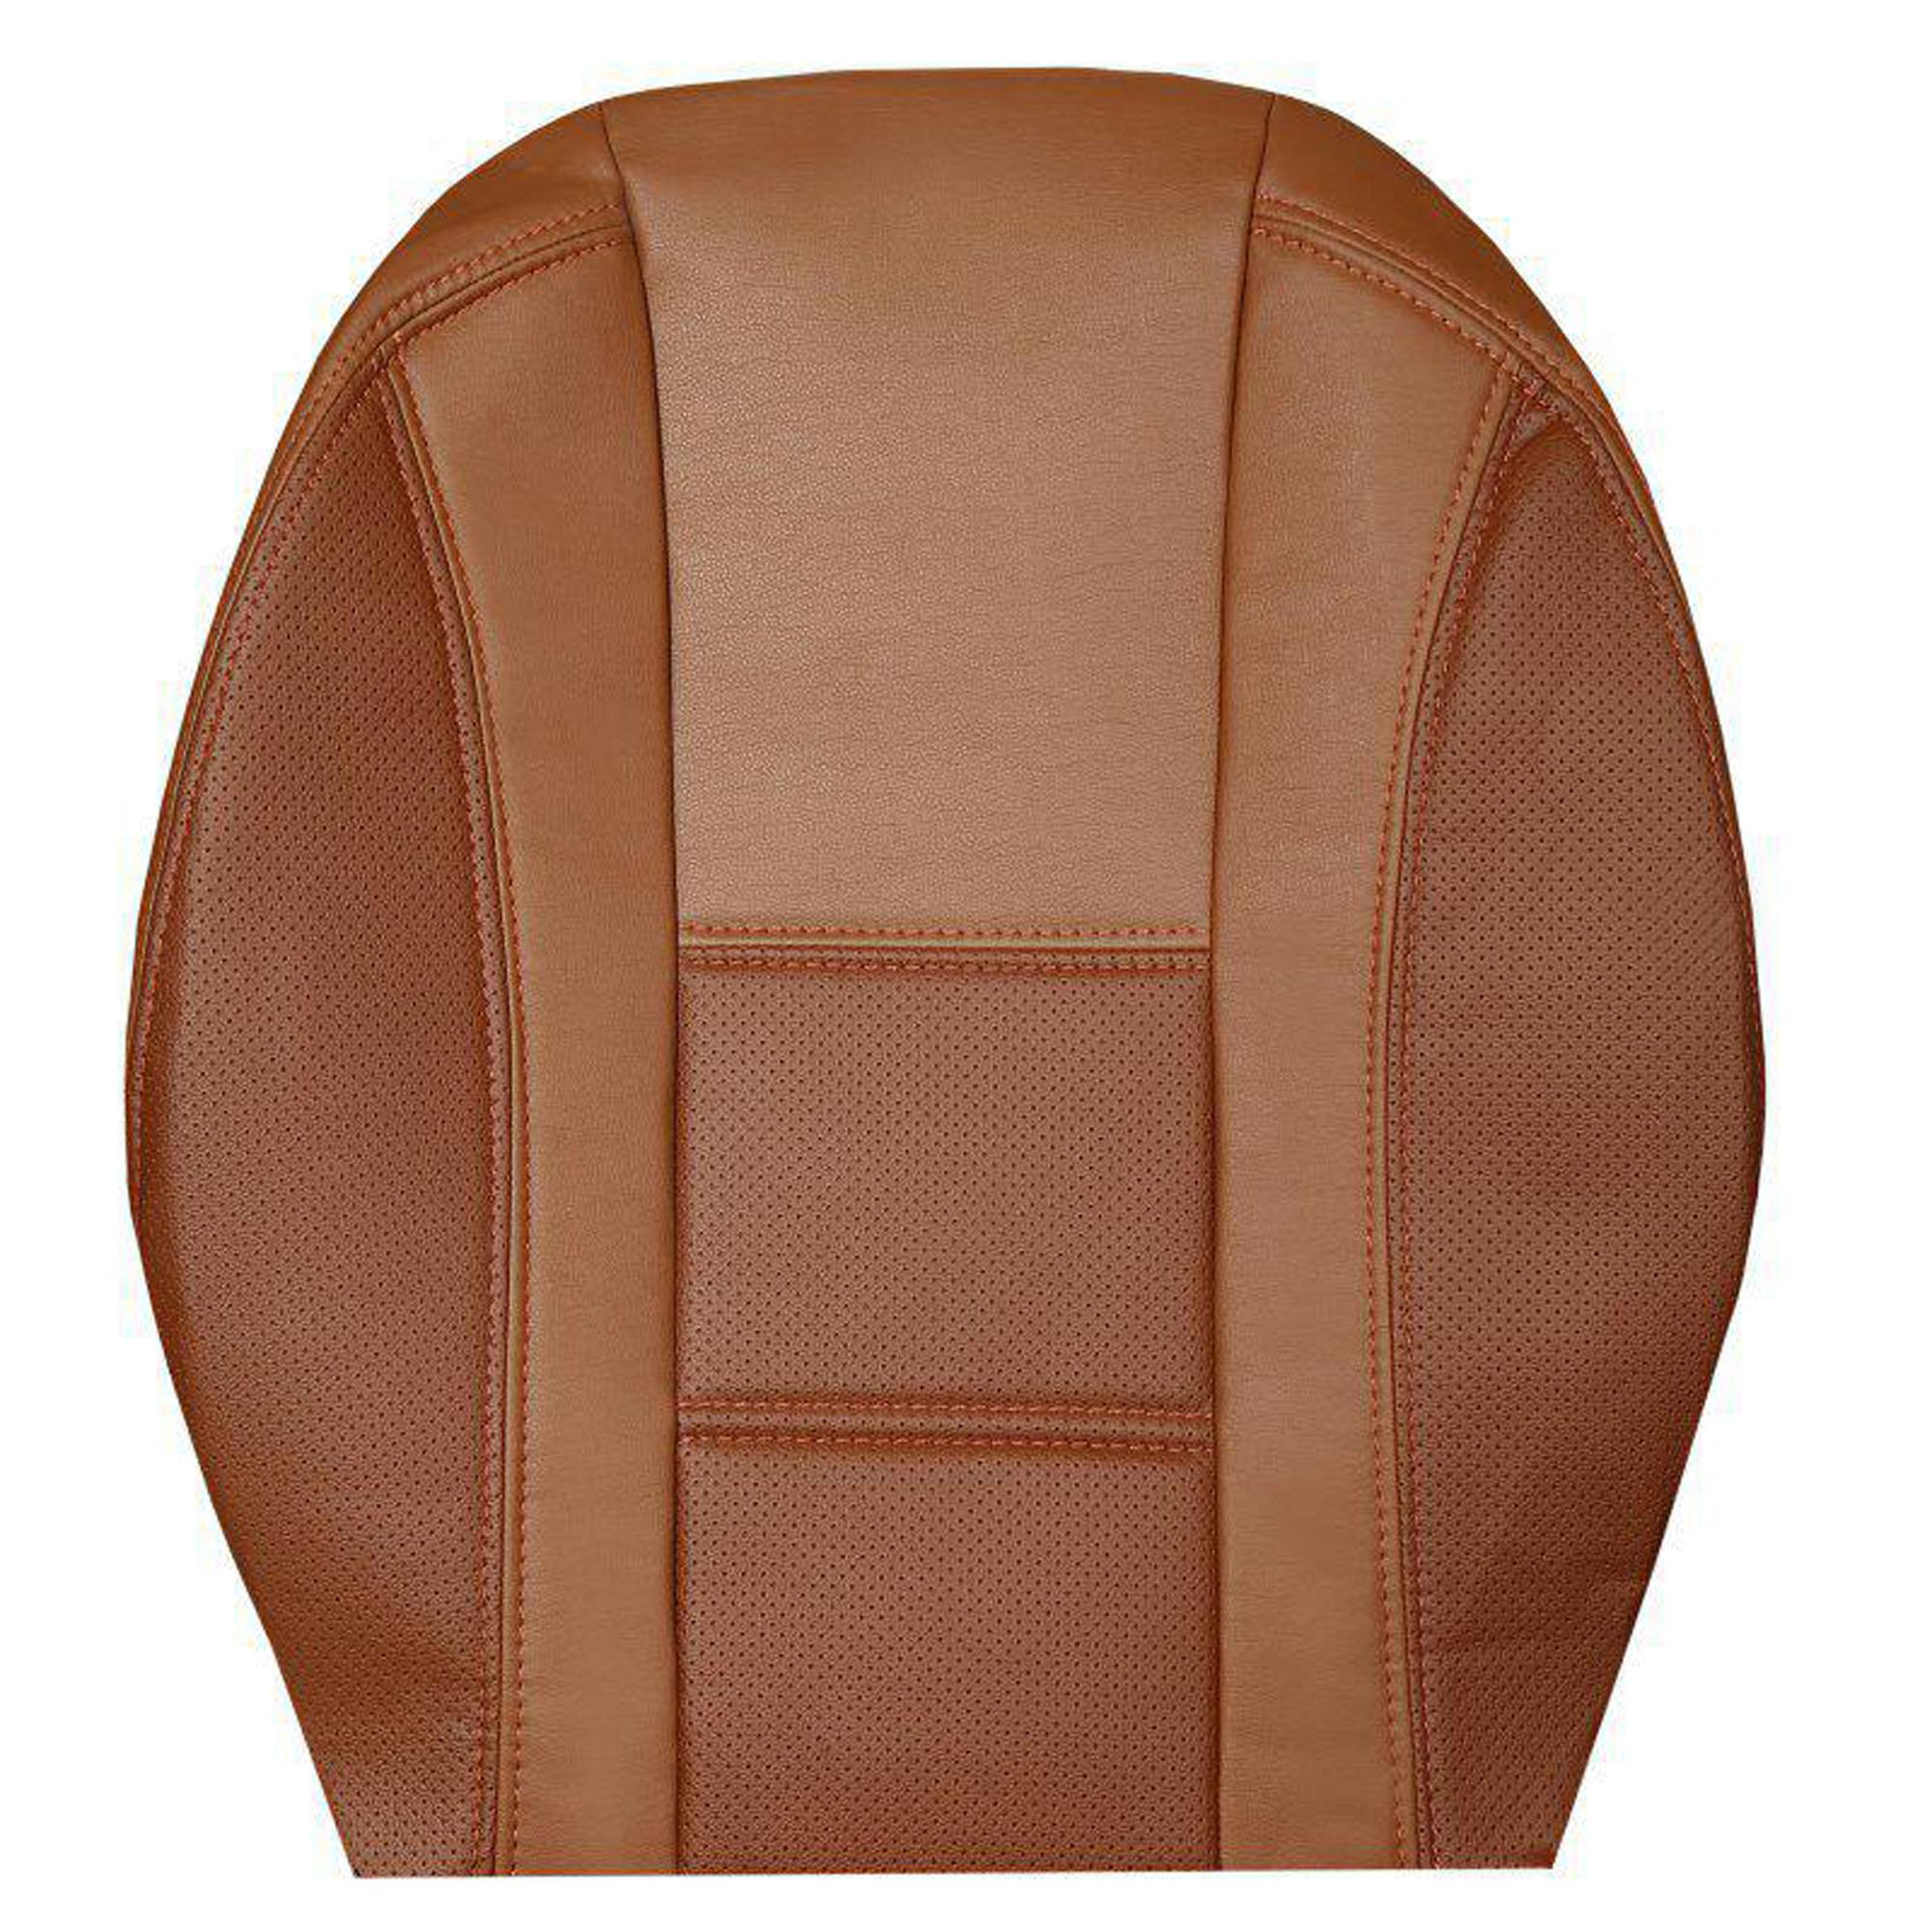 روکش صندلی خودرو مدل تاینو مناسب برای پژو پارس